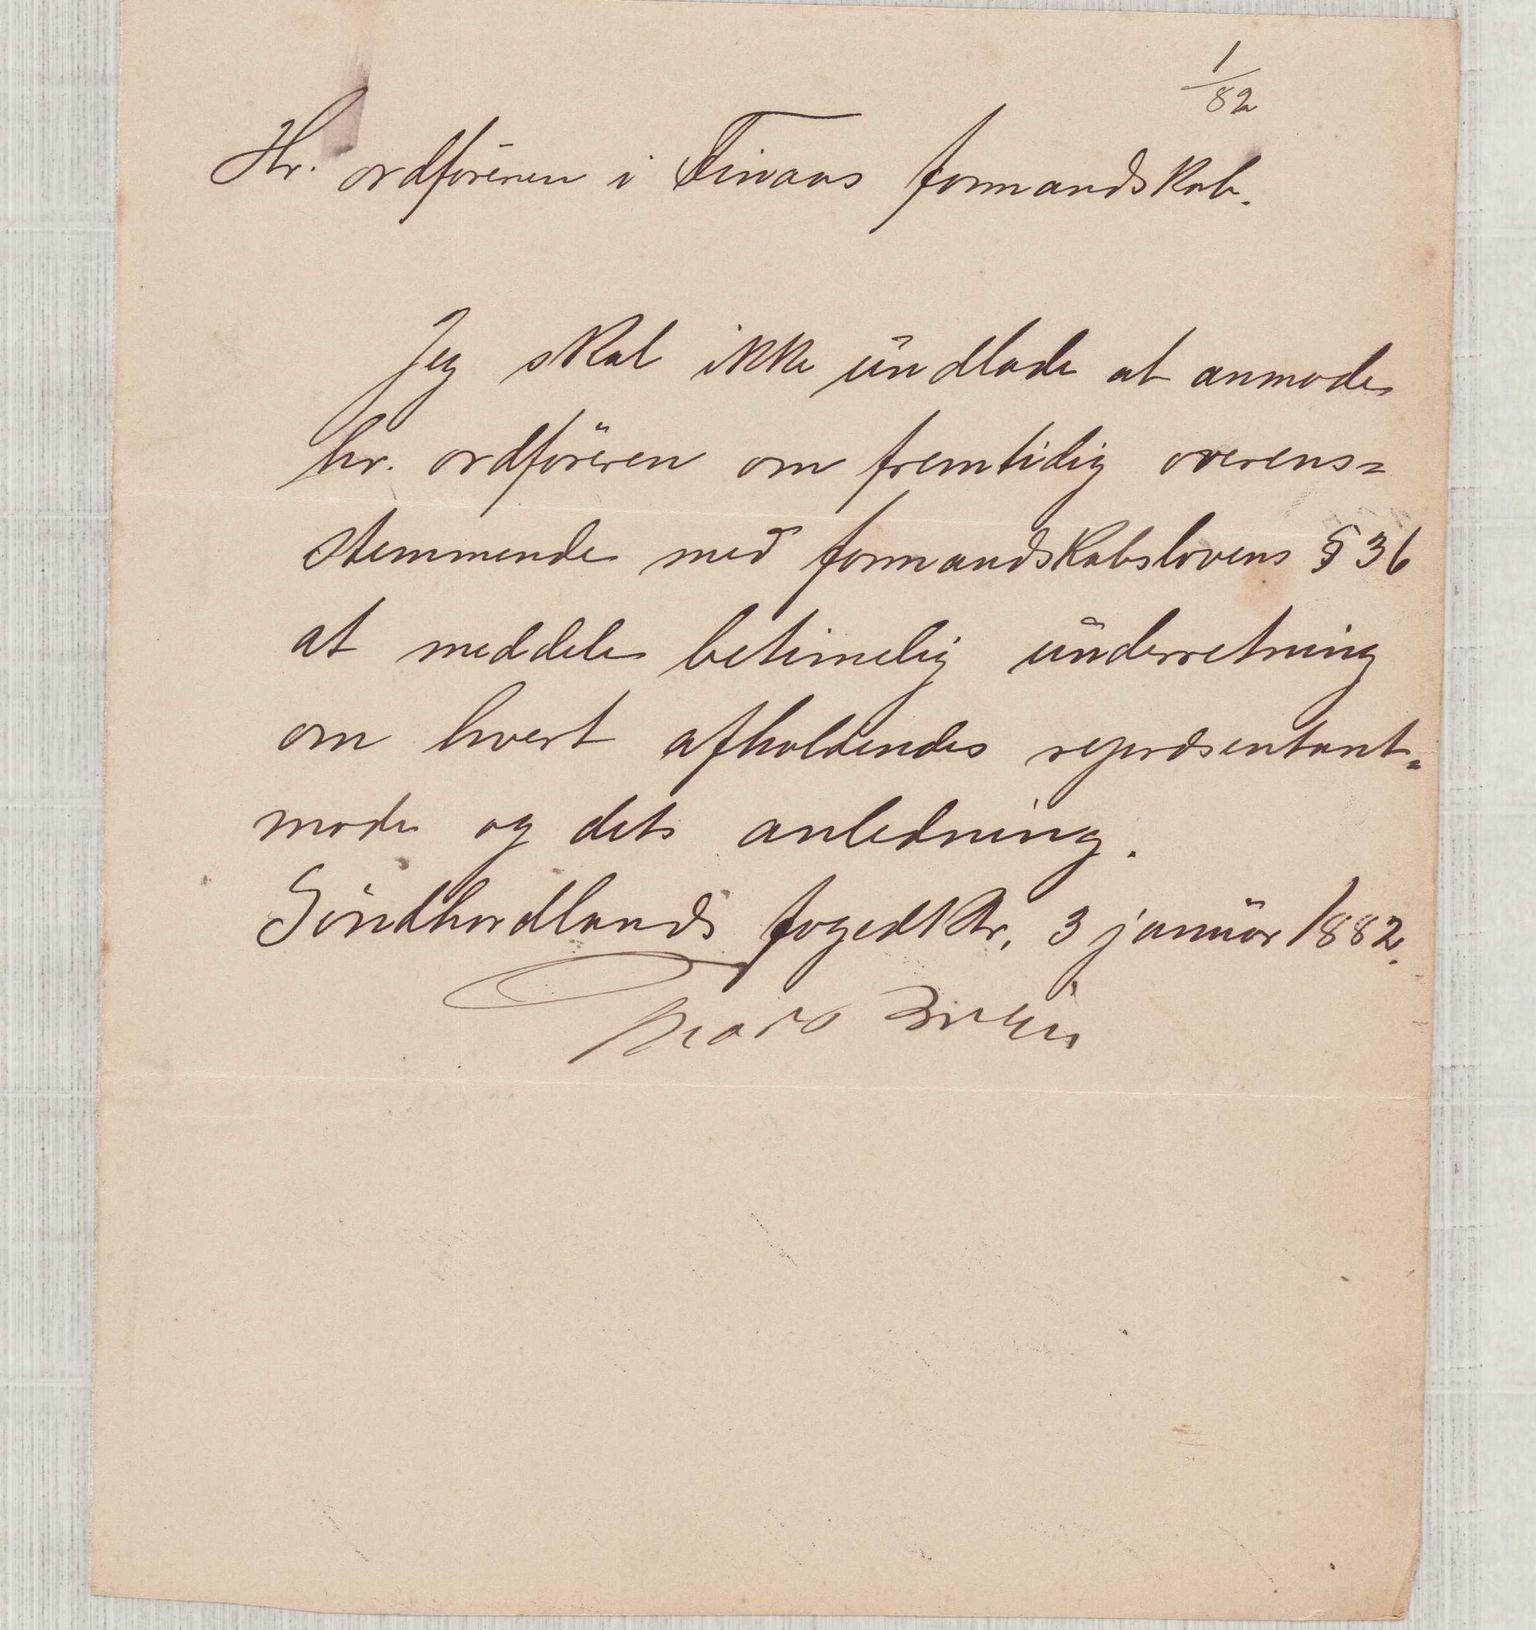 IKAH, Finnaas kommune. Formannskapet, D/Da/L0001: Korrespondanse / saker, 1882, p. 1